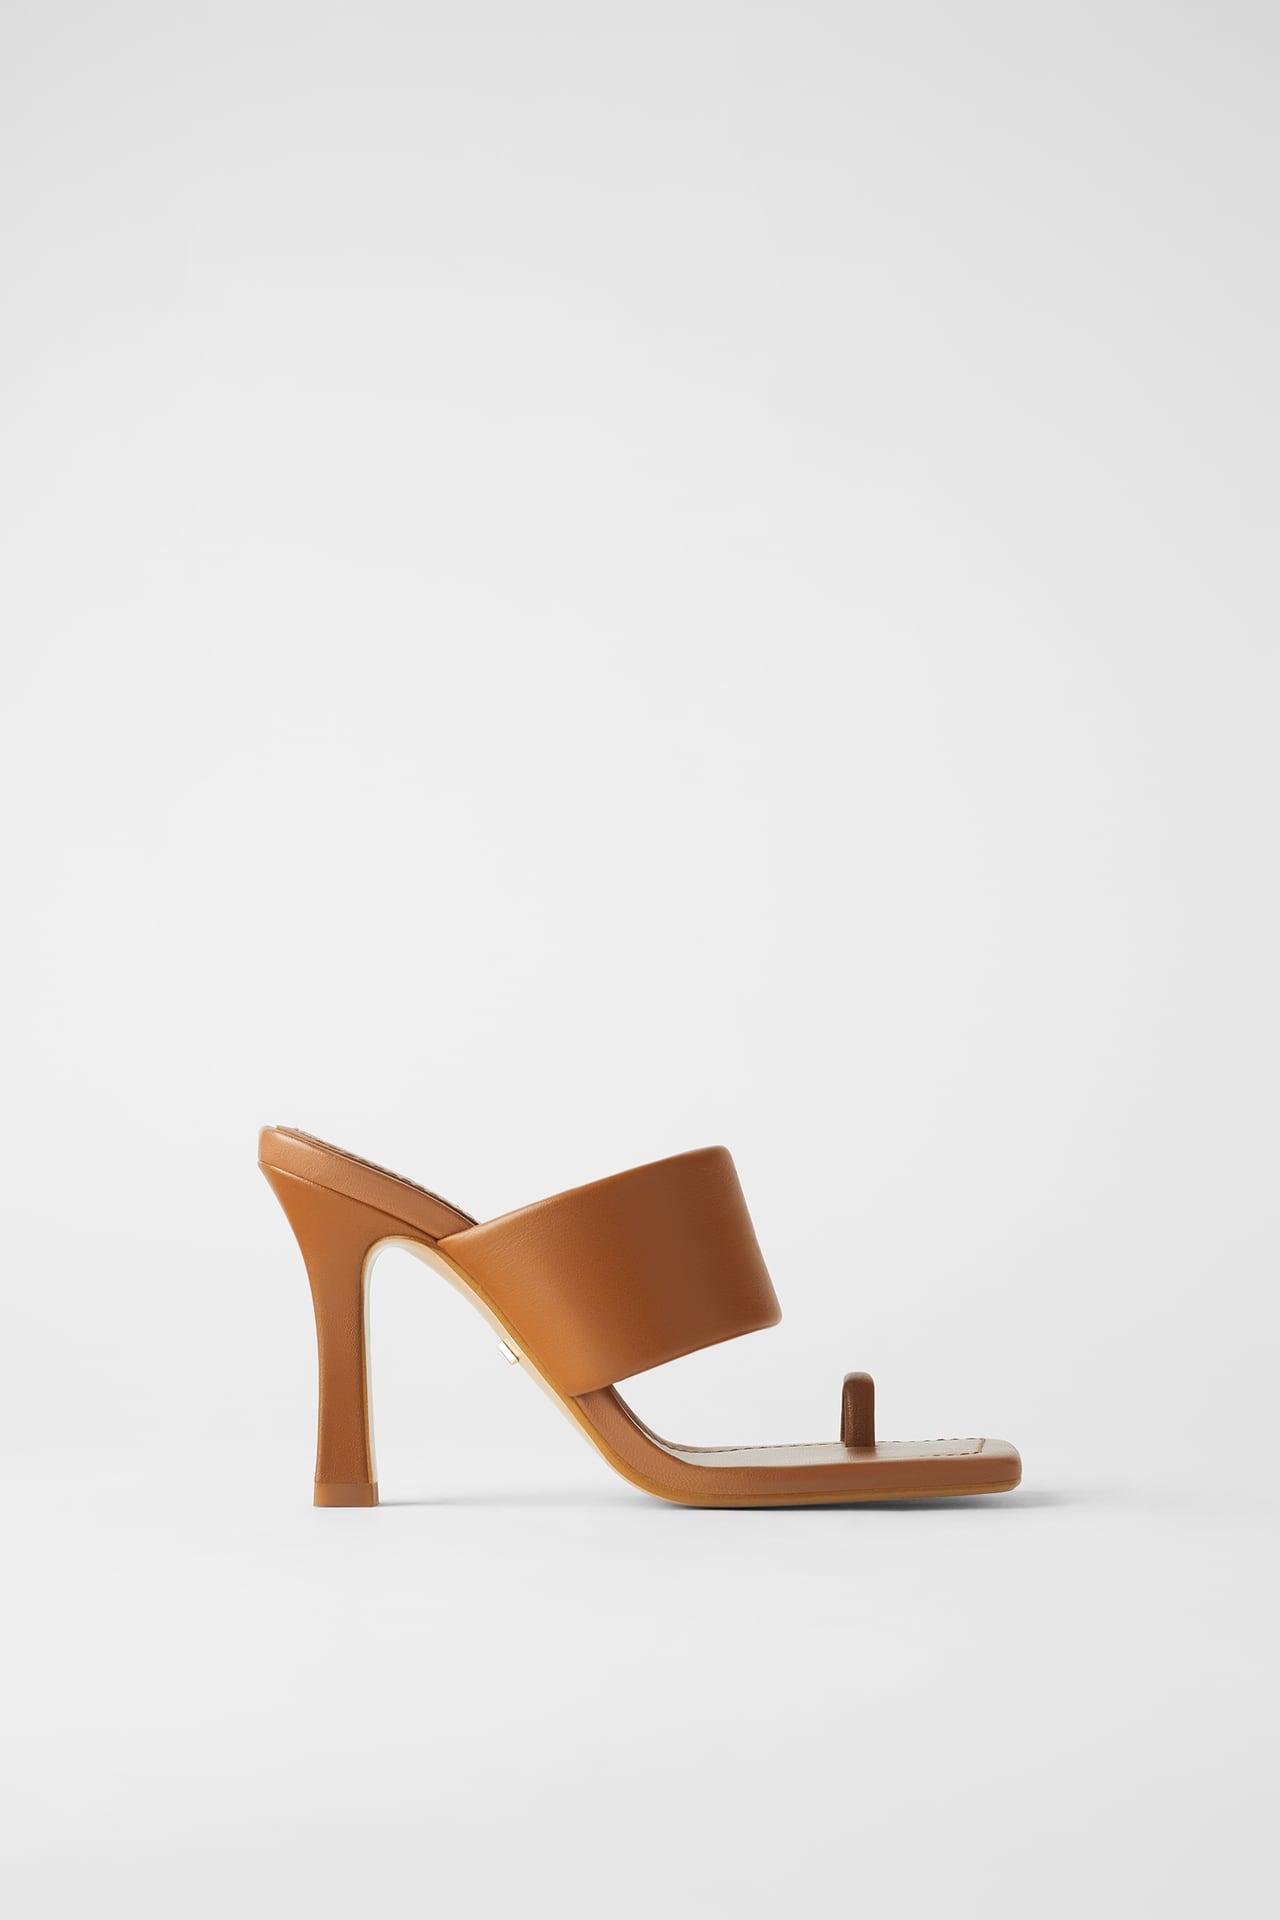 Giày mules Zara xỏ ngón màu nâu